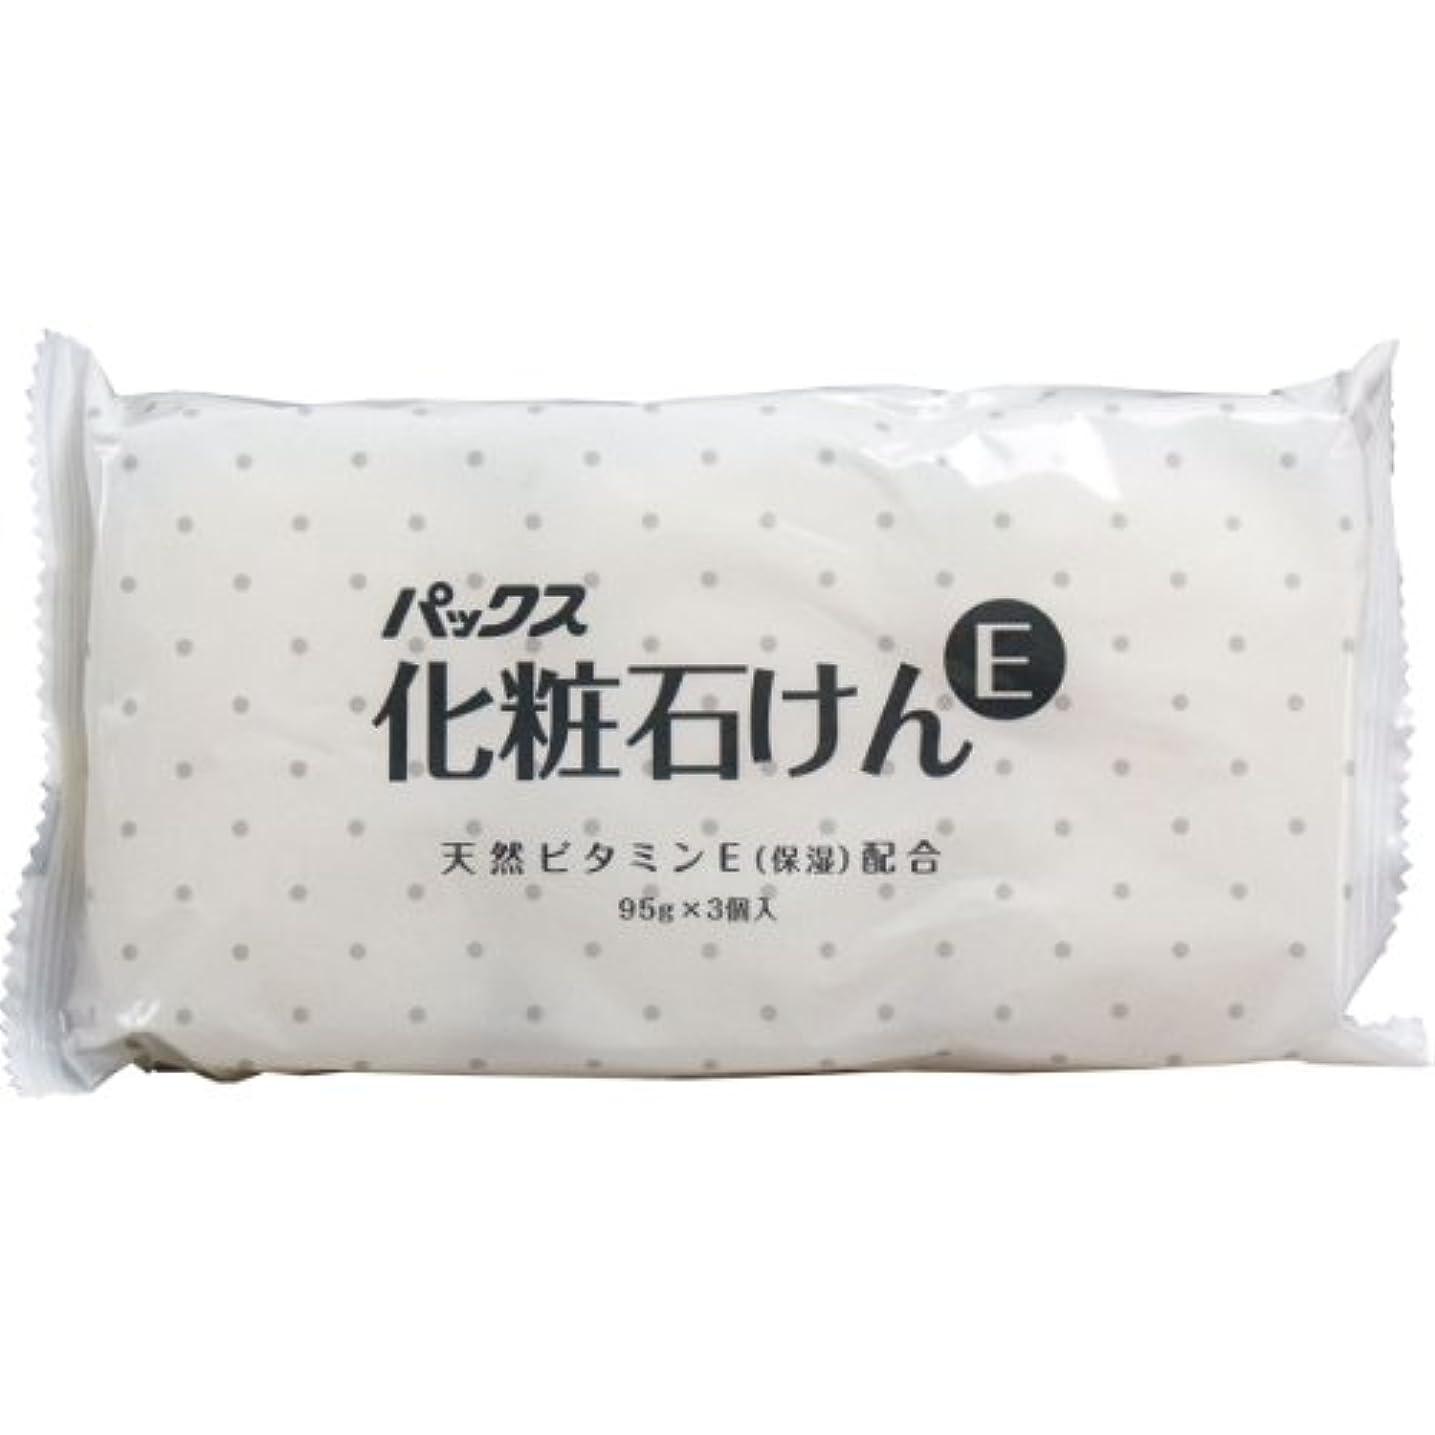 北東秀でる財産パックス 化粧石けん (95G X3個入り)【6個パック】